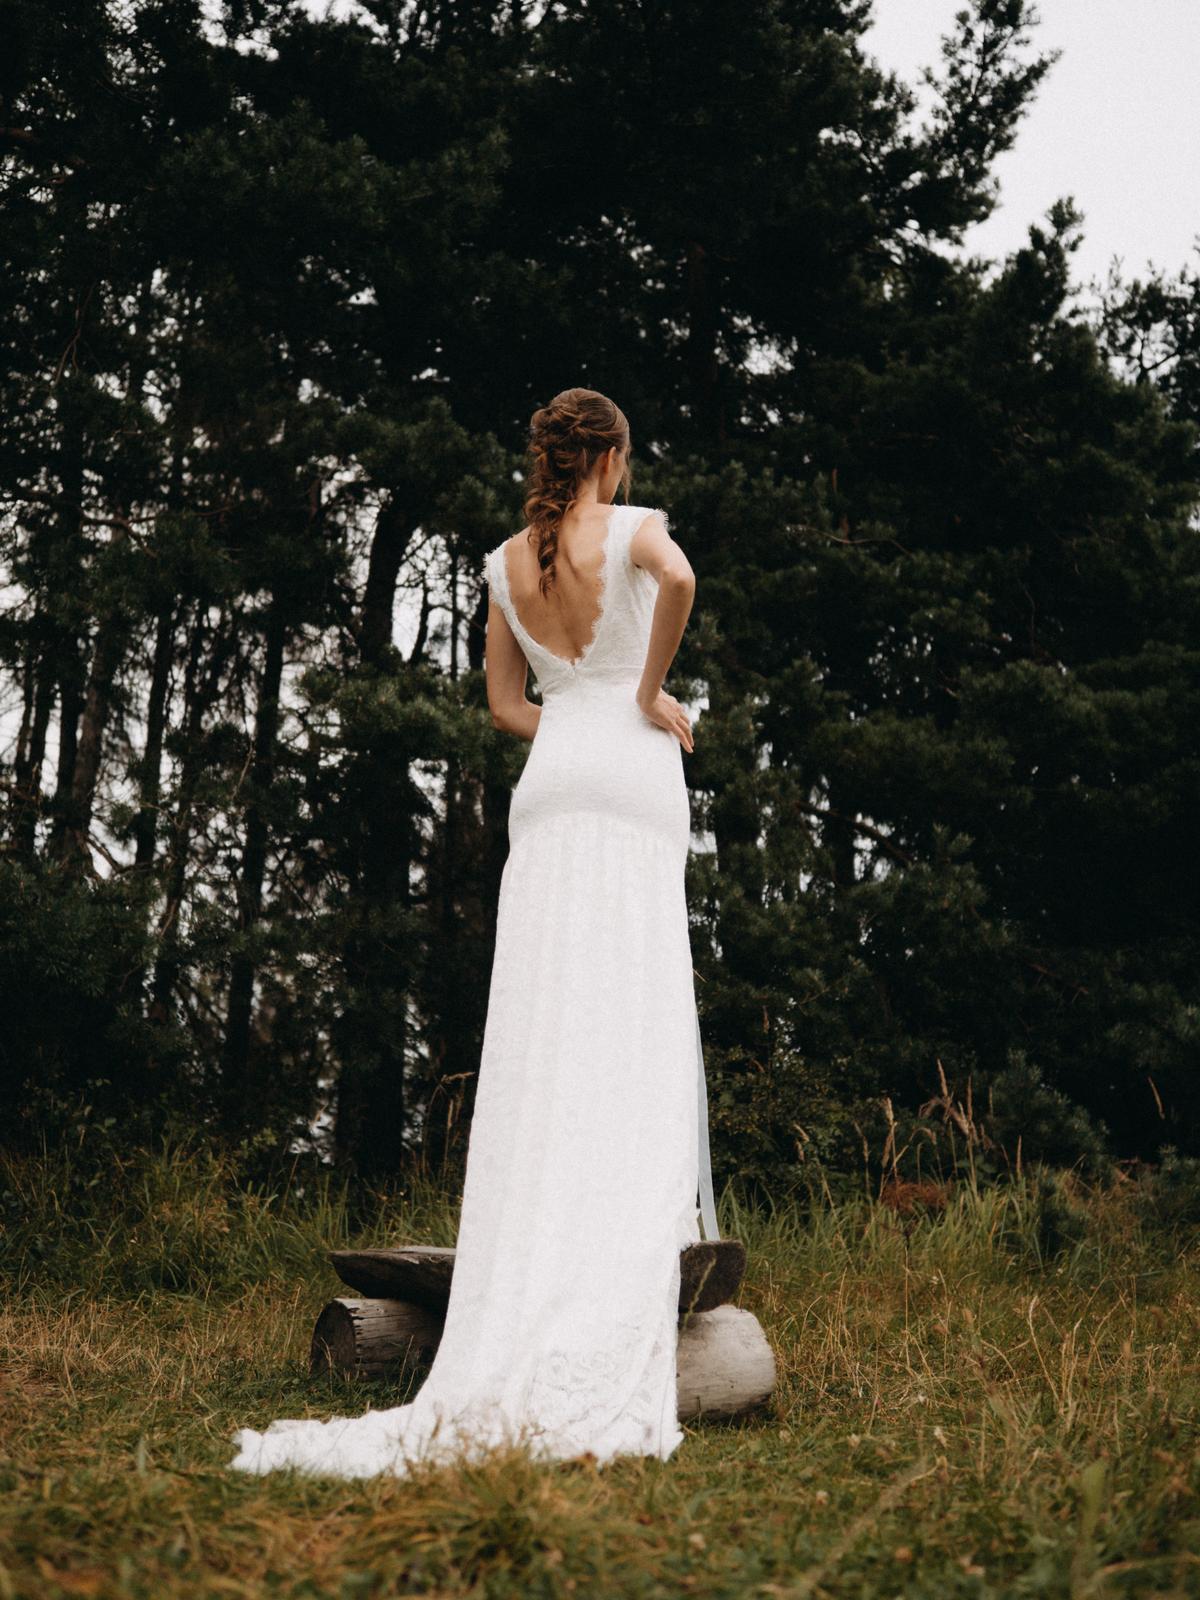 Celokrajkové svatební šaty vel. 36 - Obrázek č. 4